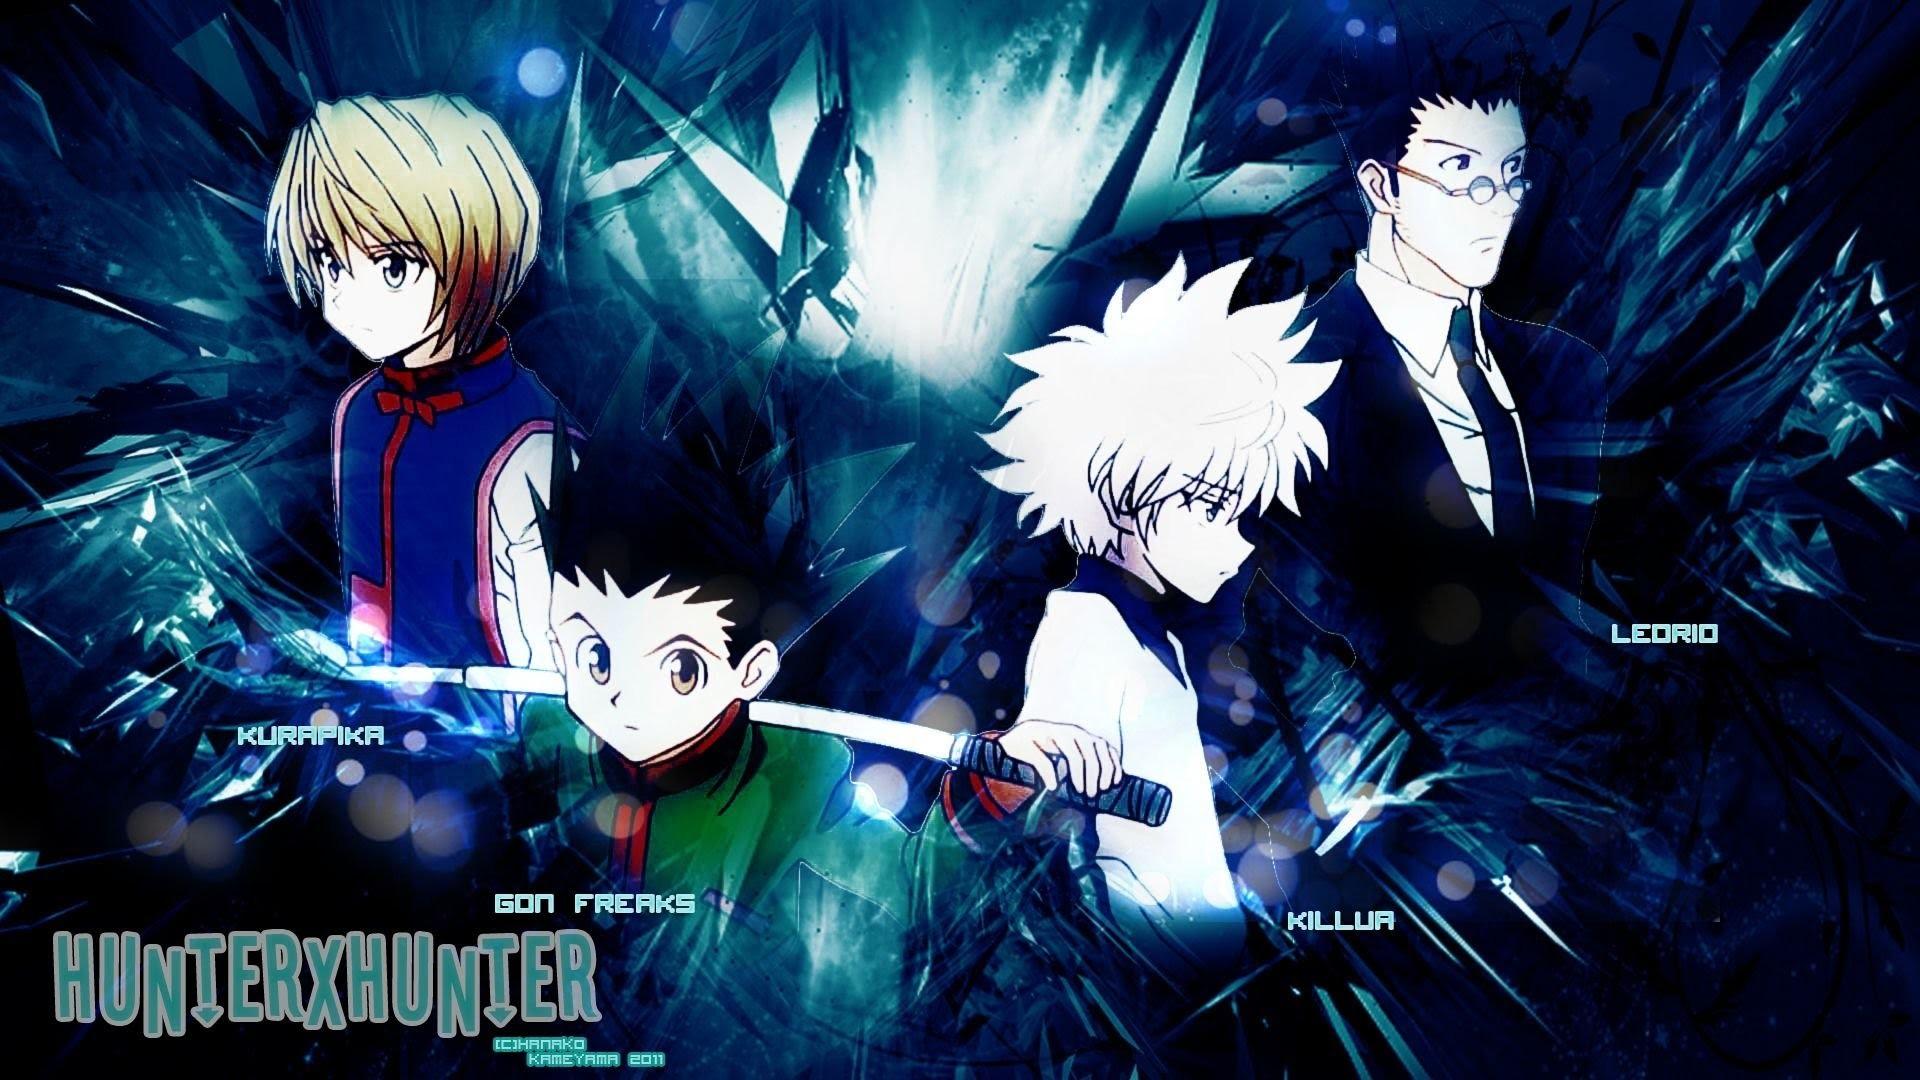 Hunter X Hunter Wallpaper Download Free Cool Full Hd